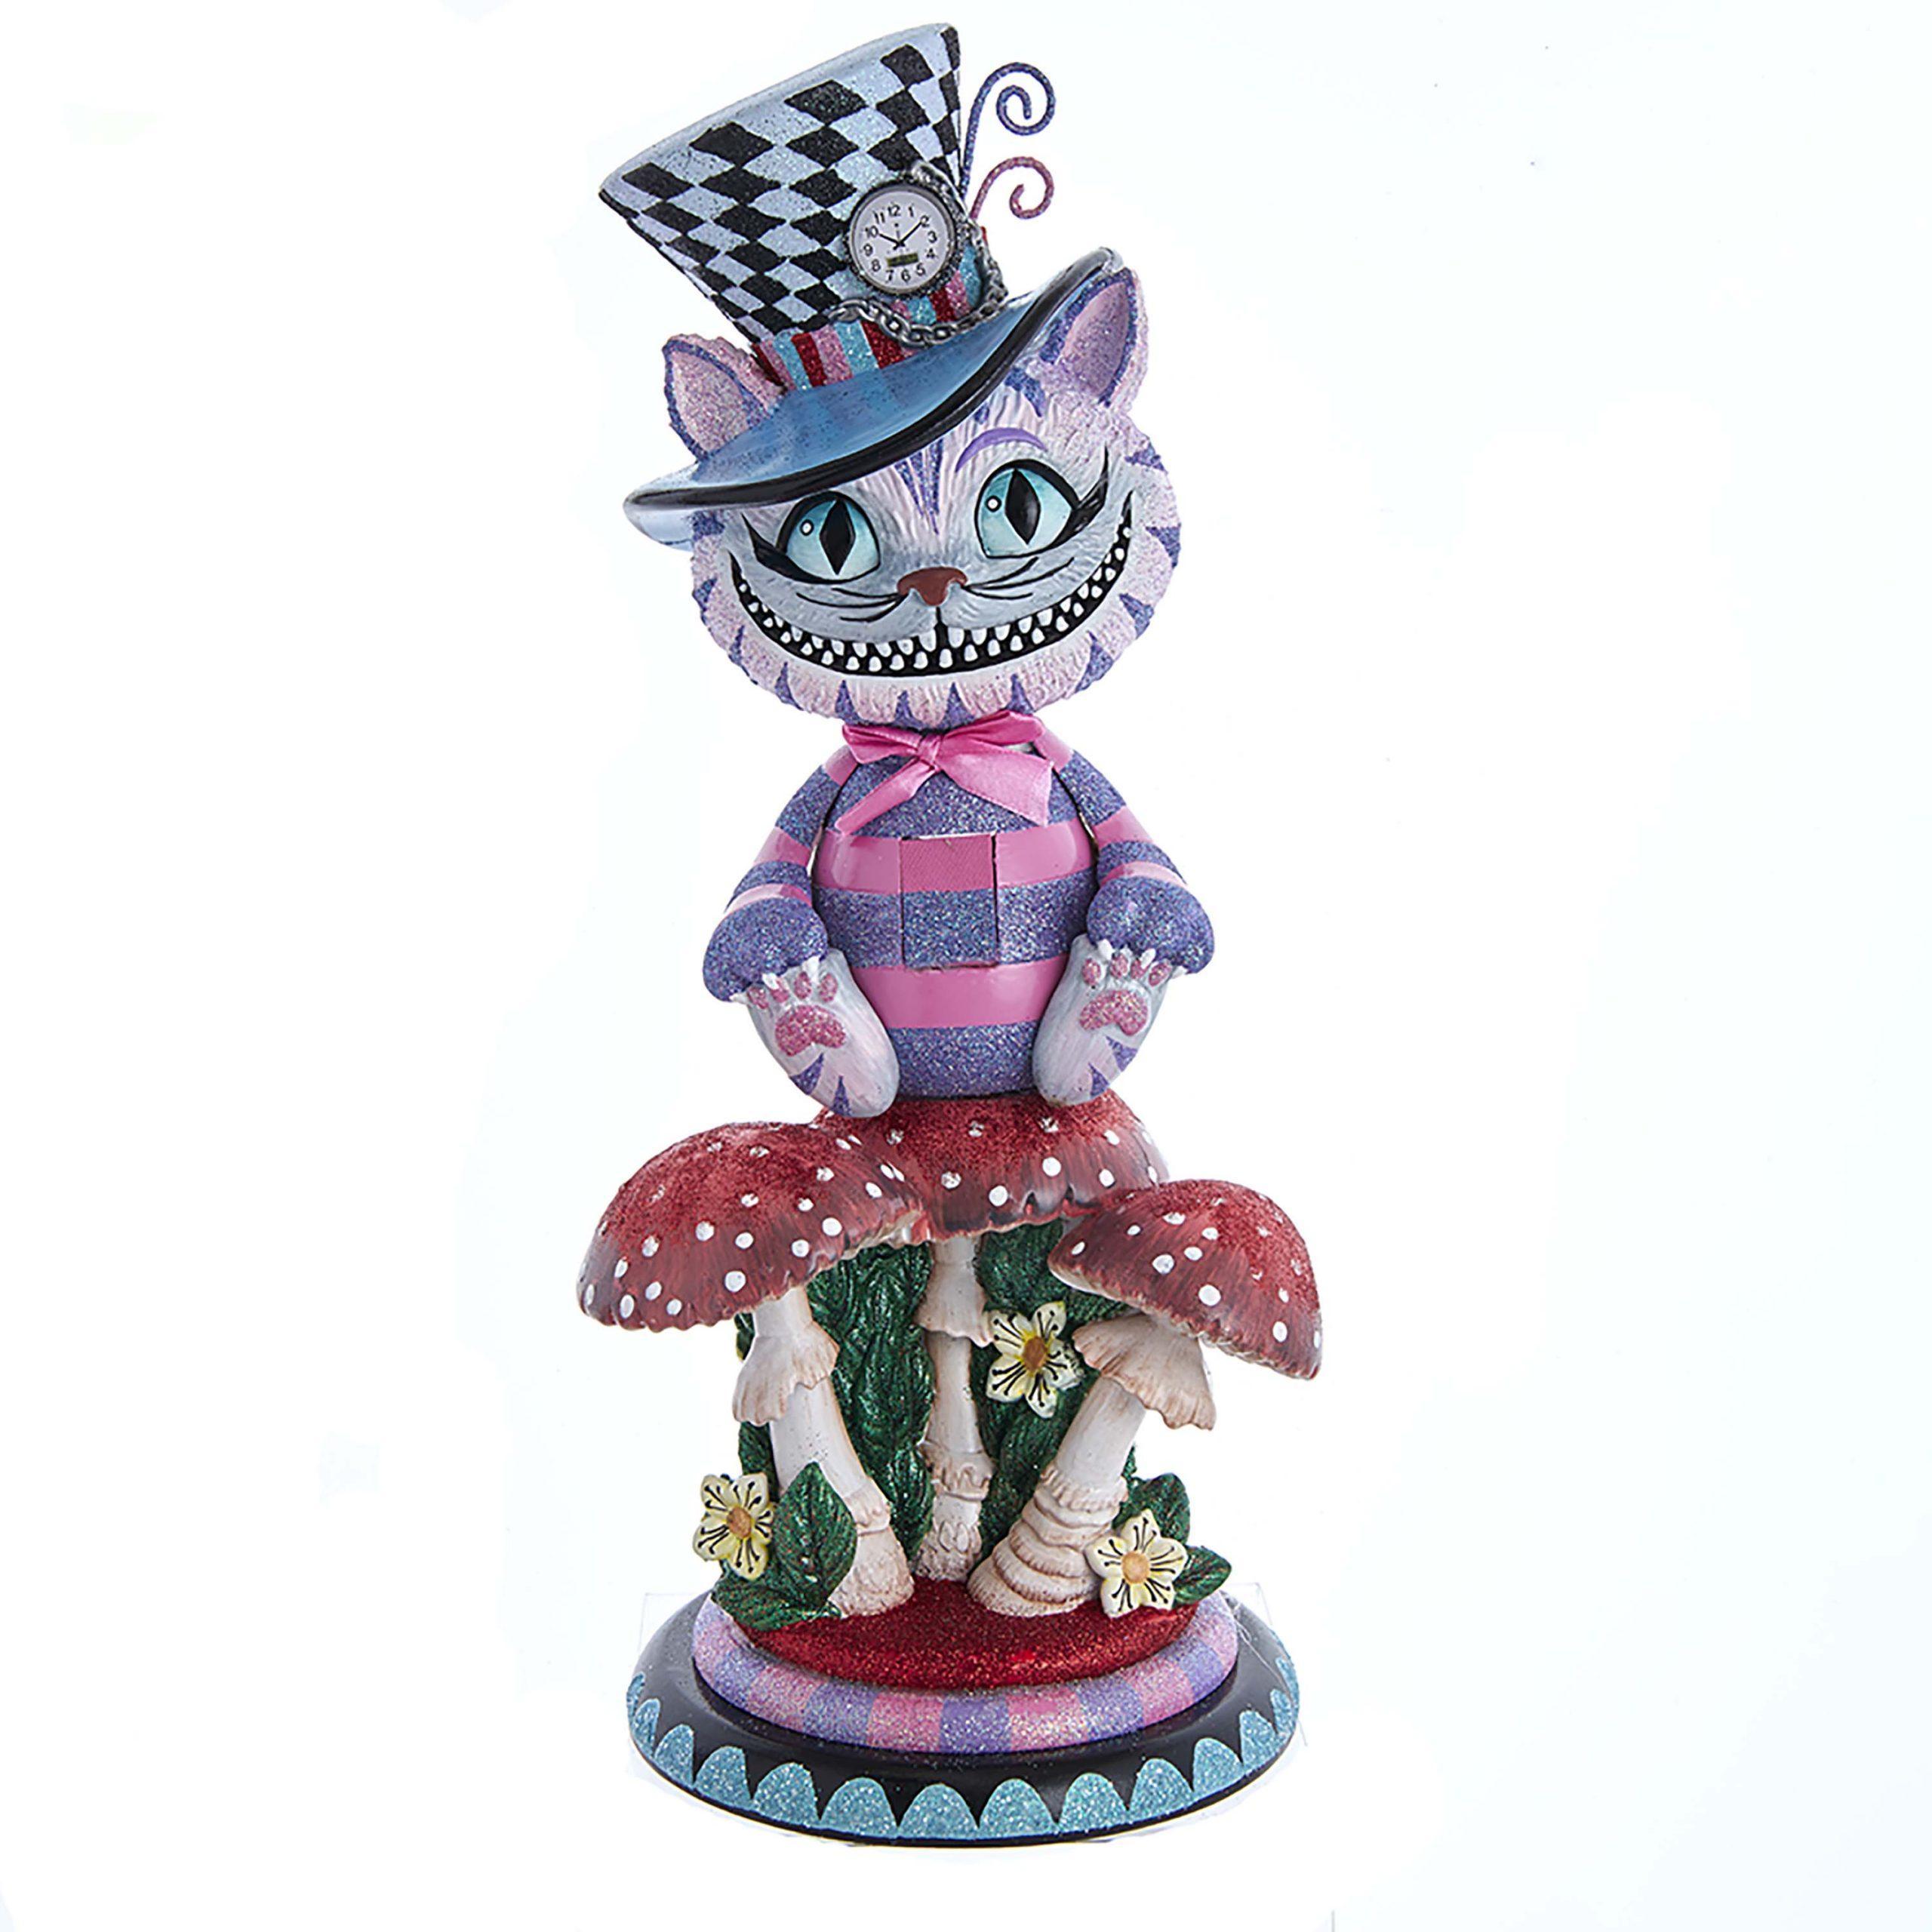 Notenkraker / Nutcracker Alice in Wonderland Hollywood Cheshire Cat / Kolder Kat Kurt S. Adler